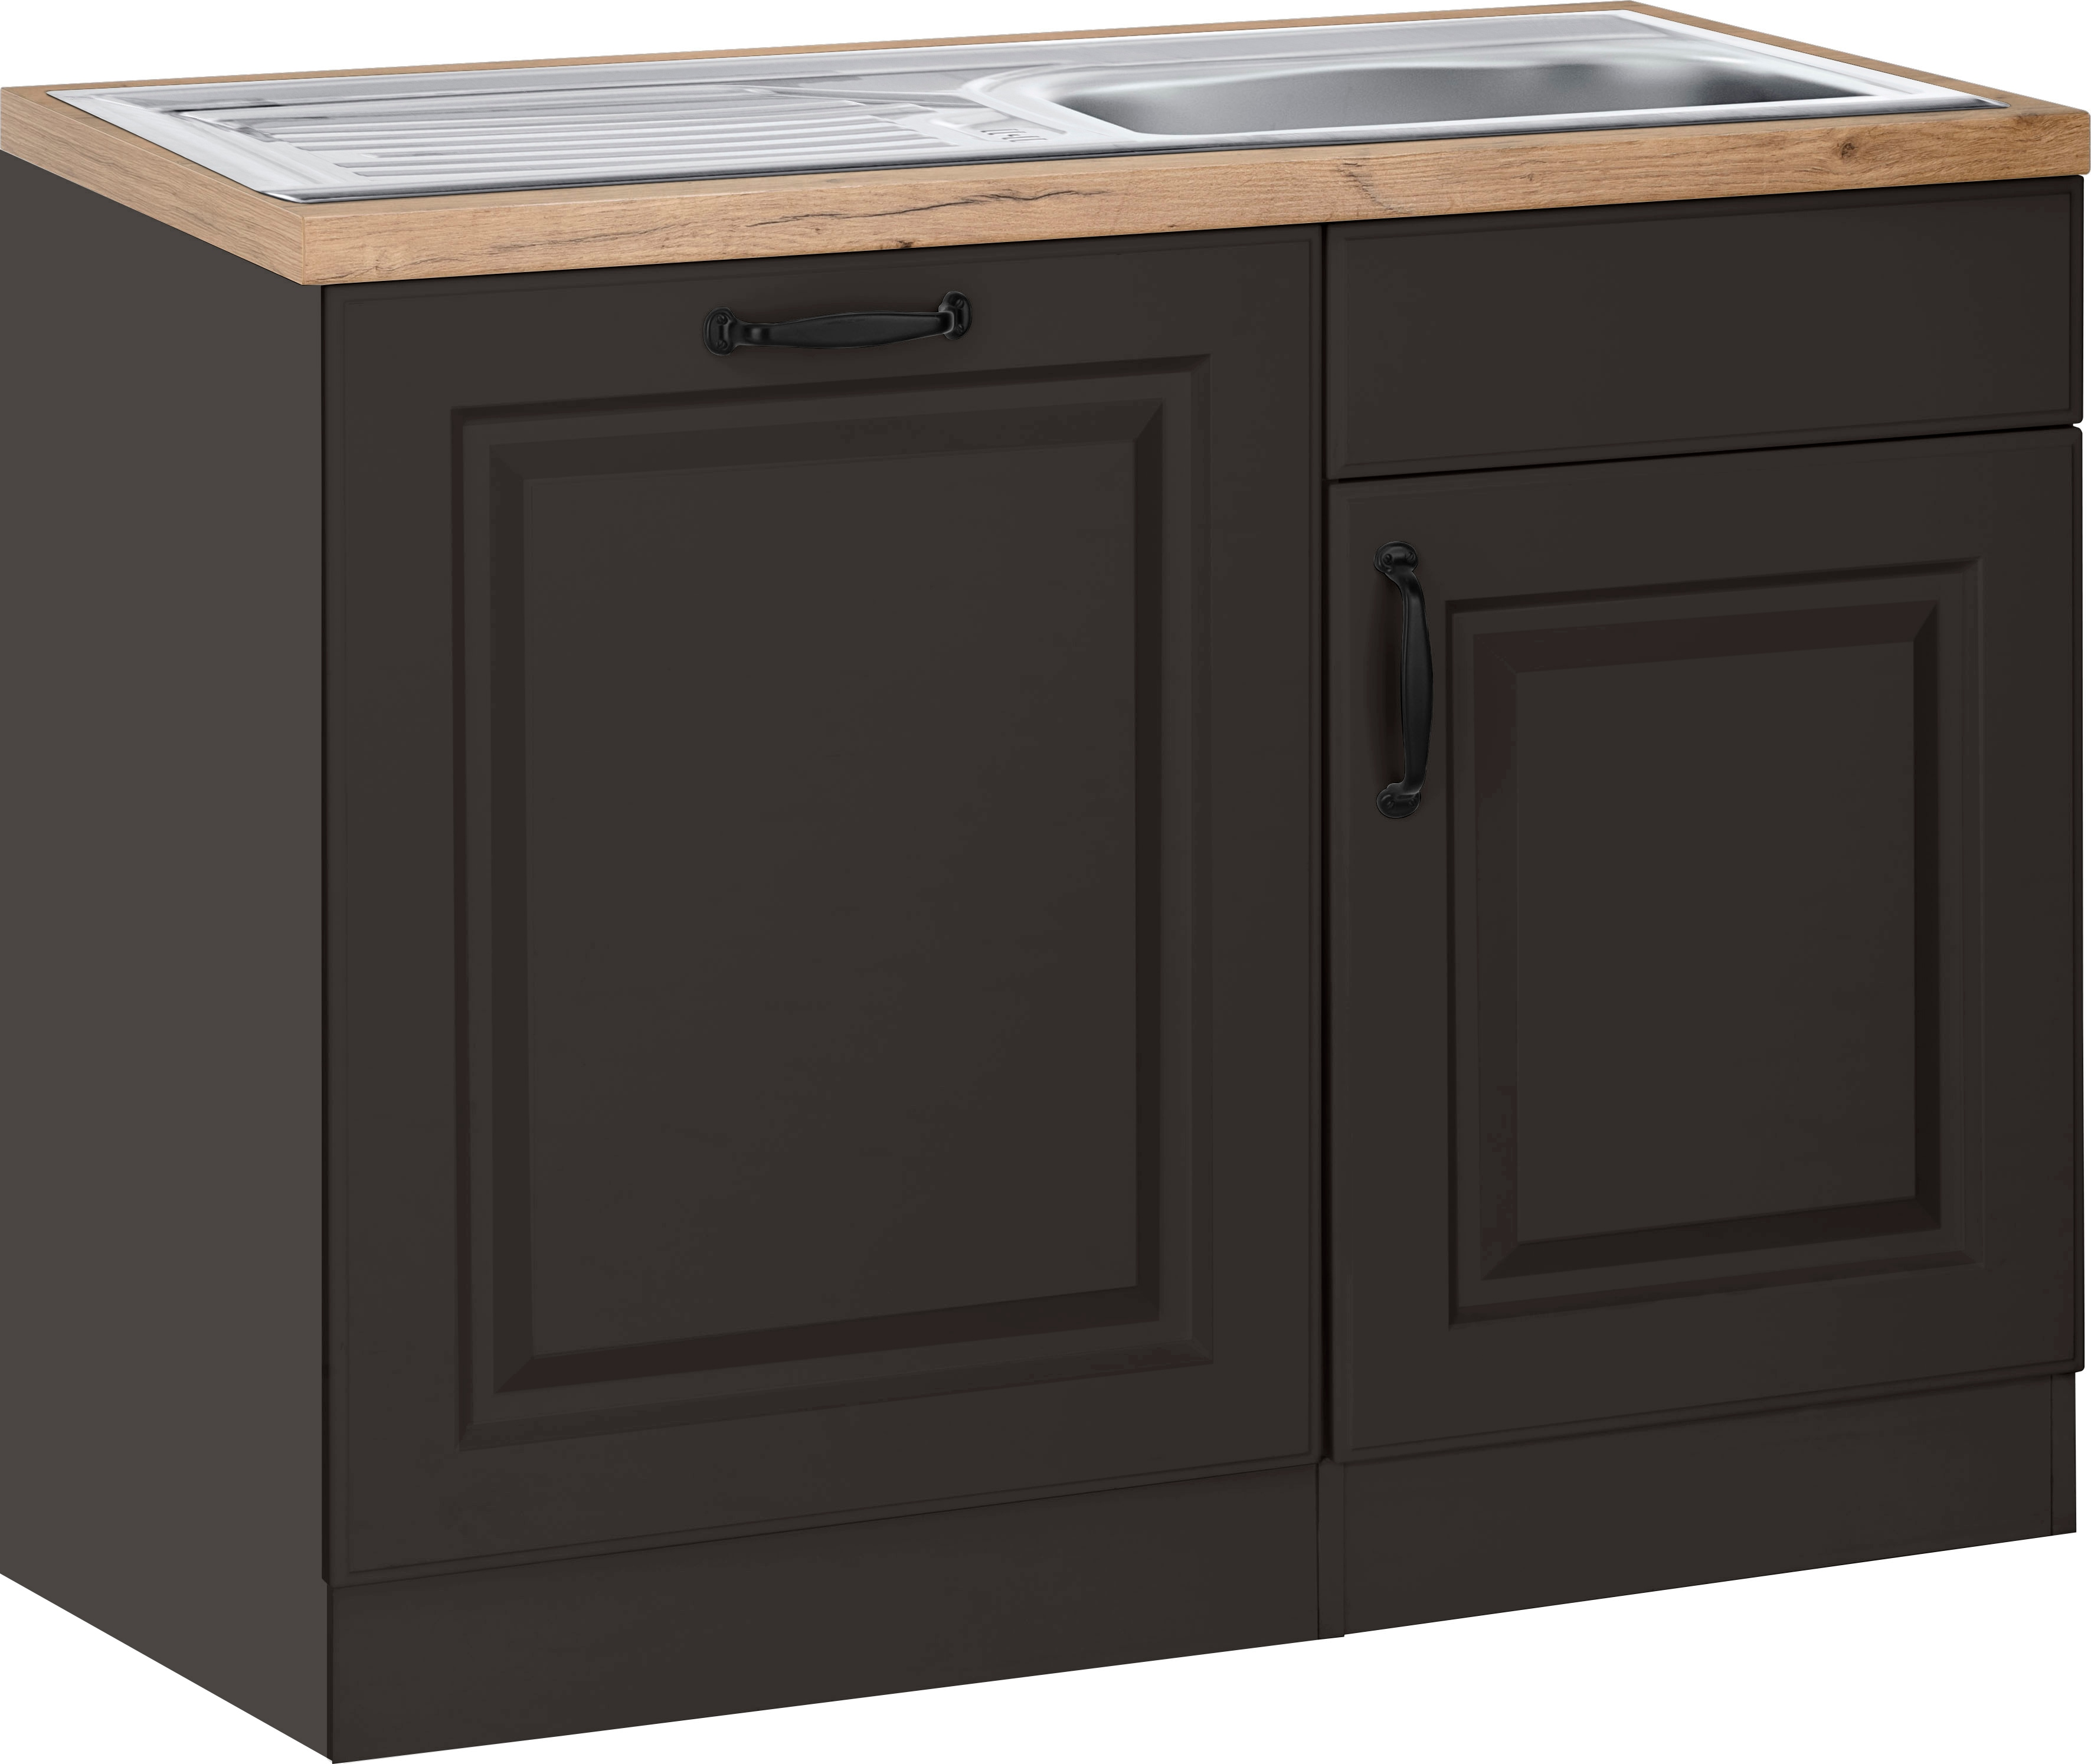 wiho Küchen Spülenschrank Erla, 110 cm breit, inkl. Tür/Sockel für Geschirrspüler grau Spülenschränke Küchenschränke Küchenmöbel